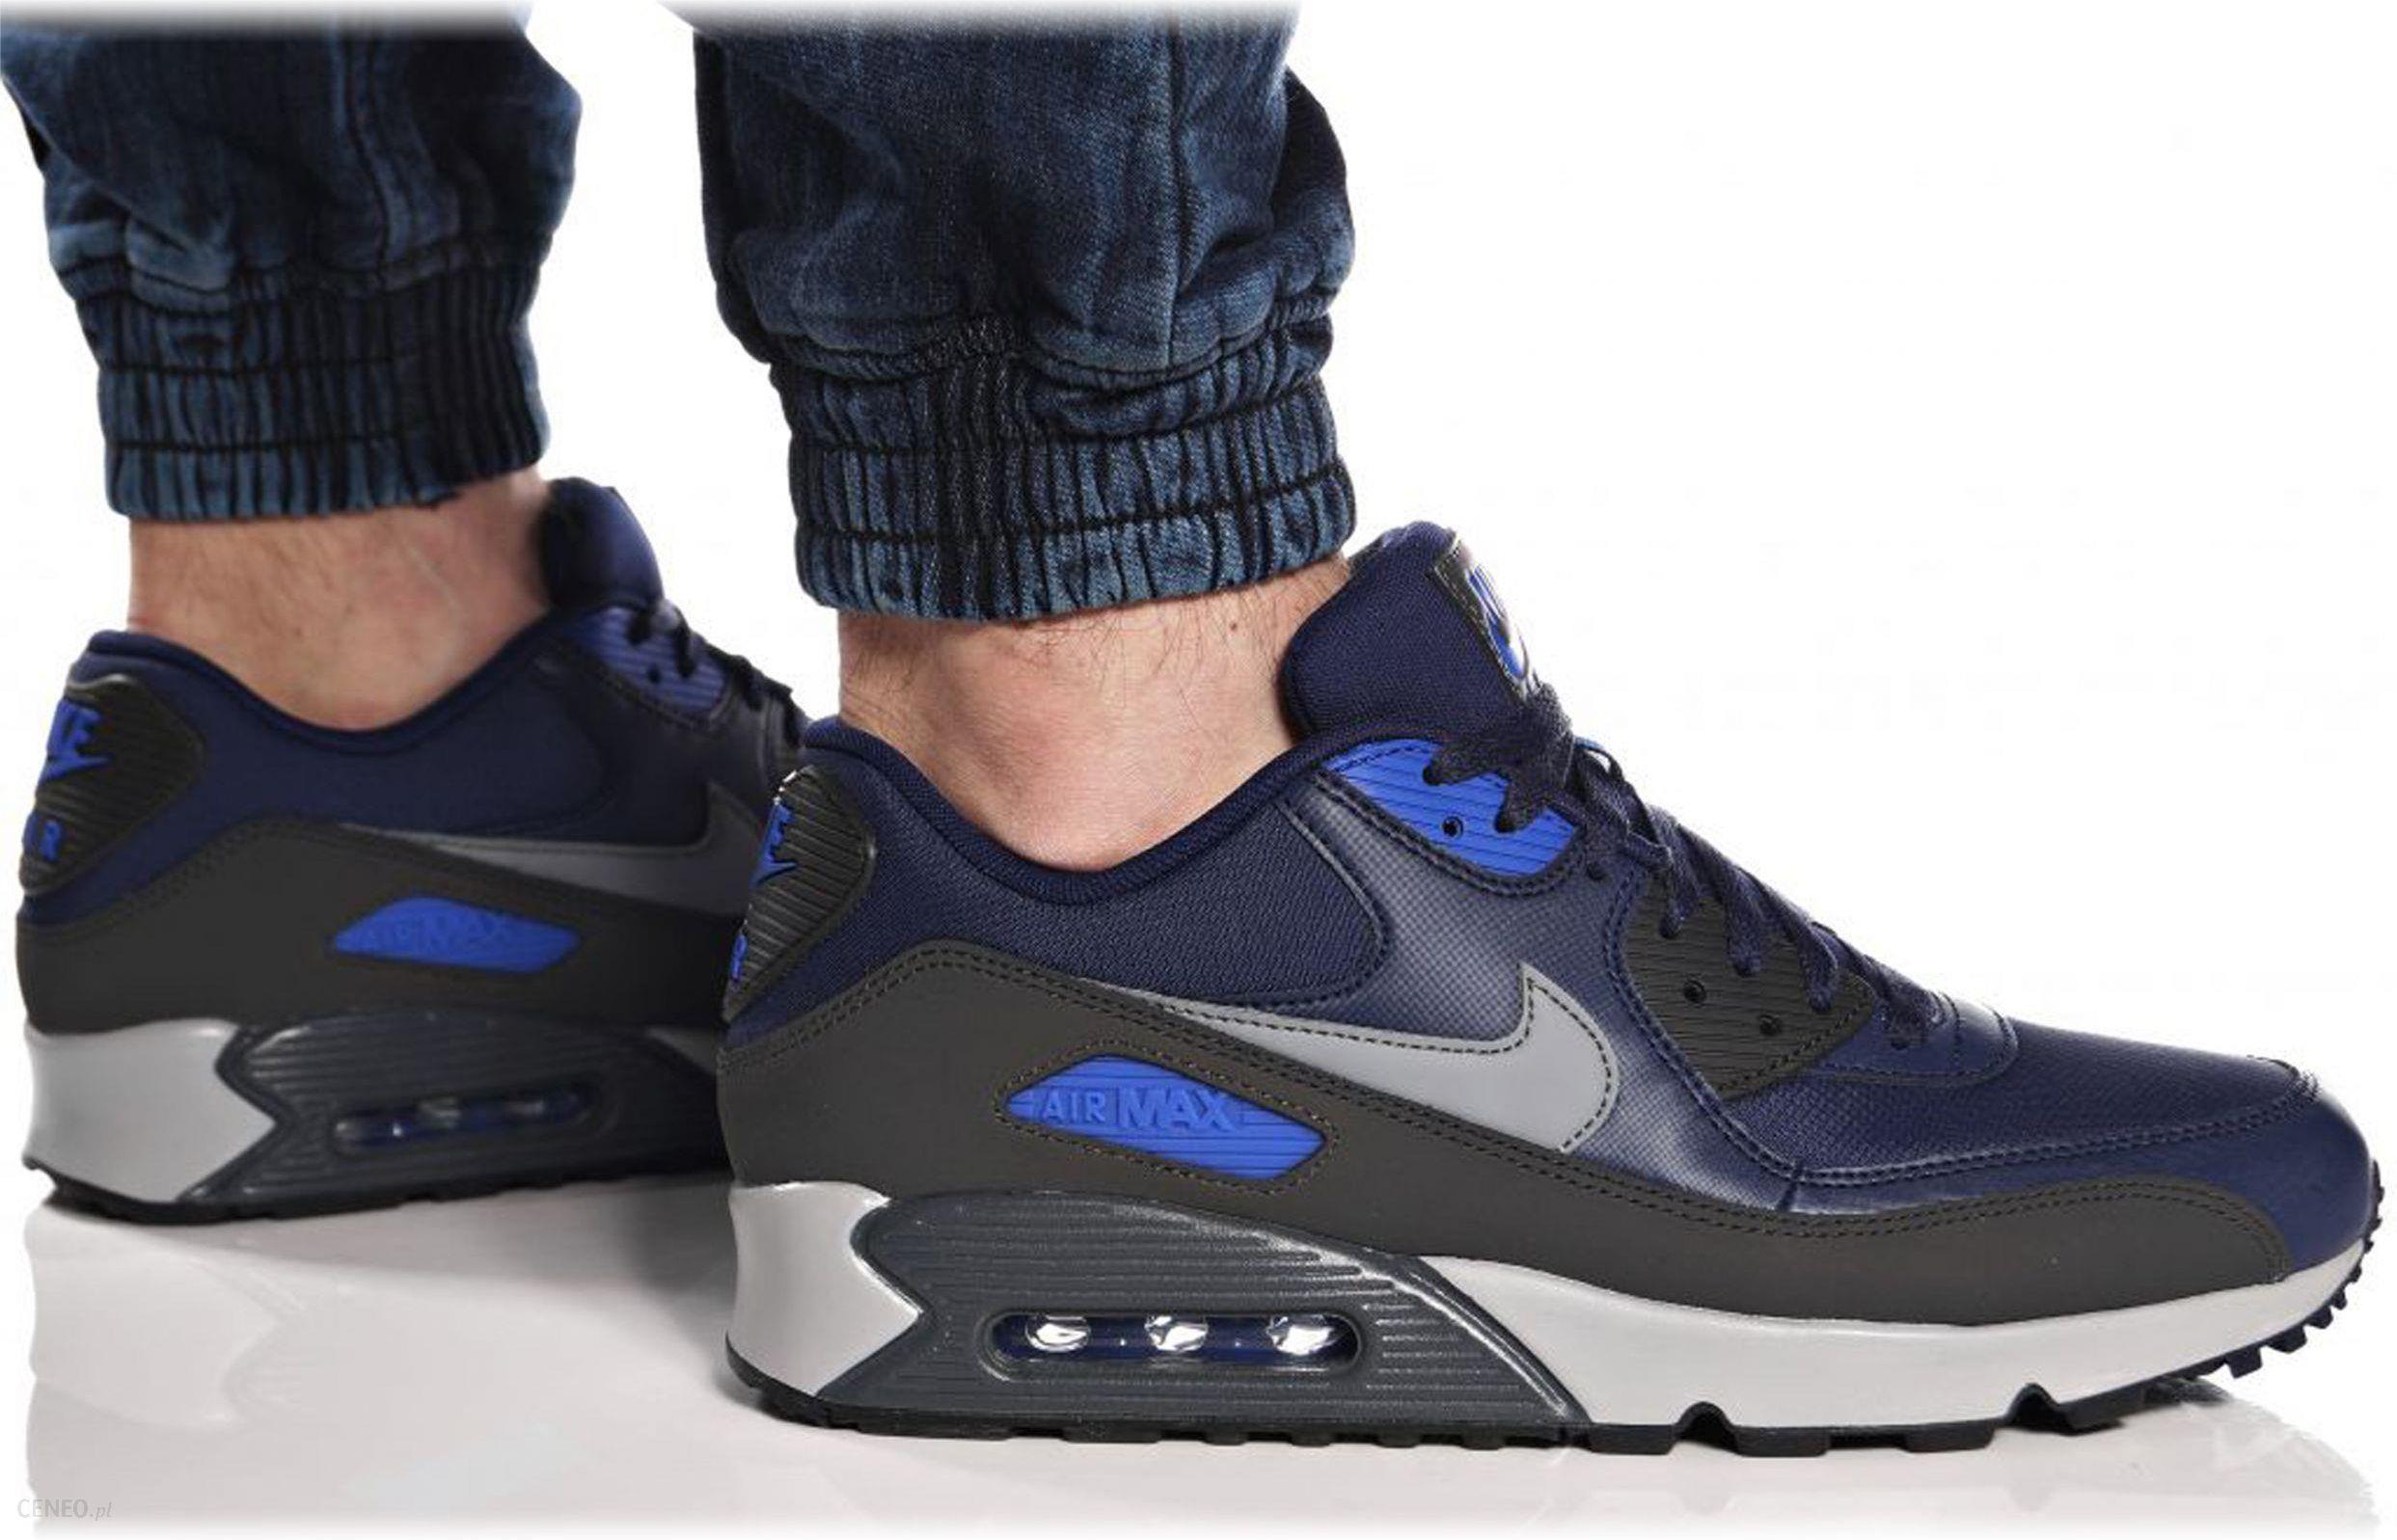 newest 4a497 a81f3 Buty Nike Air Max 90 Męskie 537384-418 Nowość! - zdjęcie 1